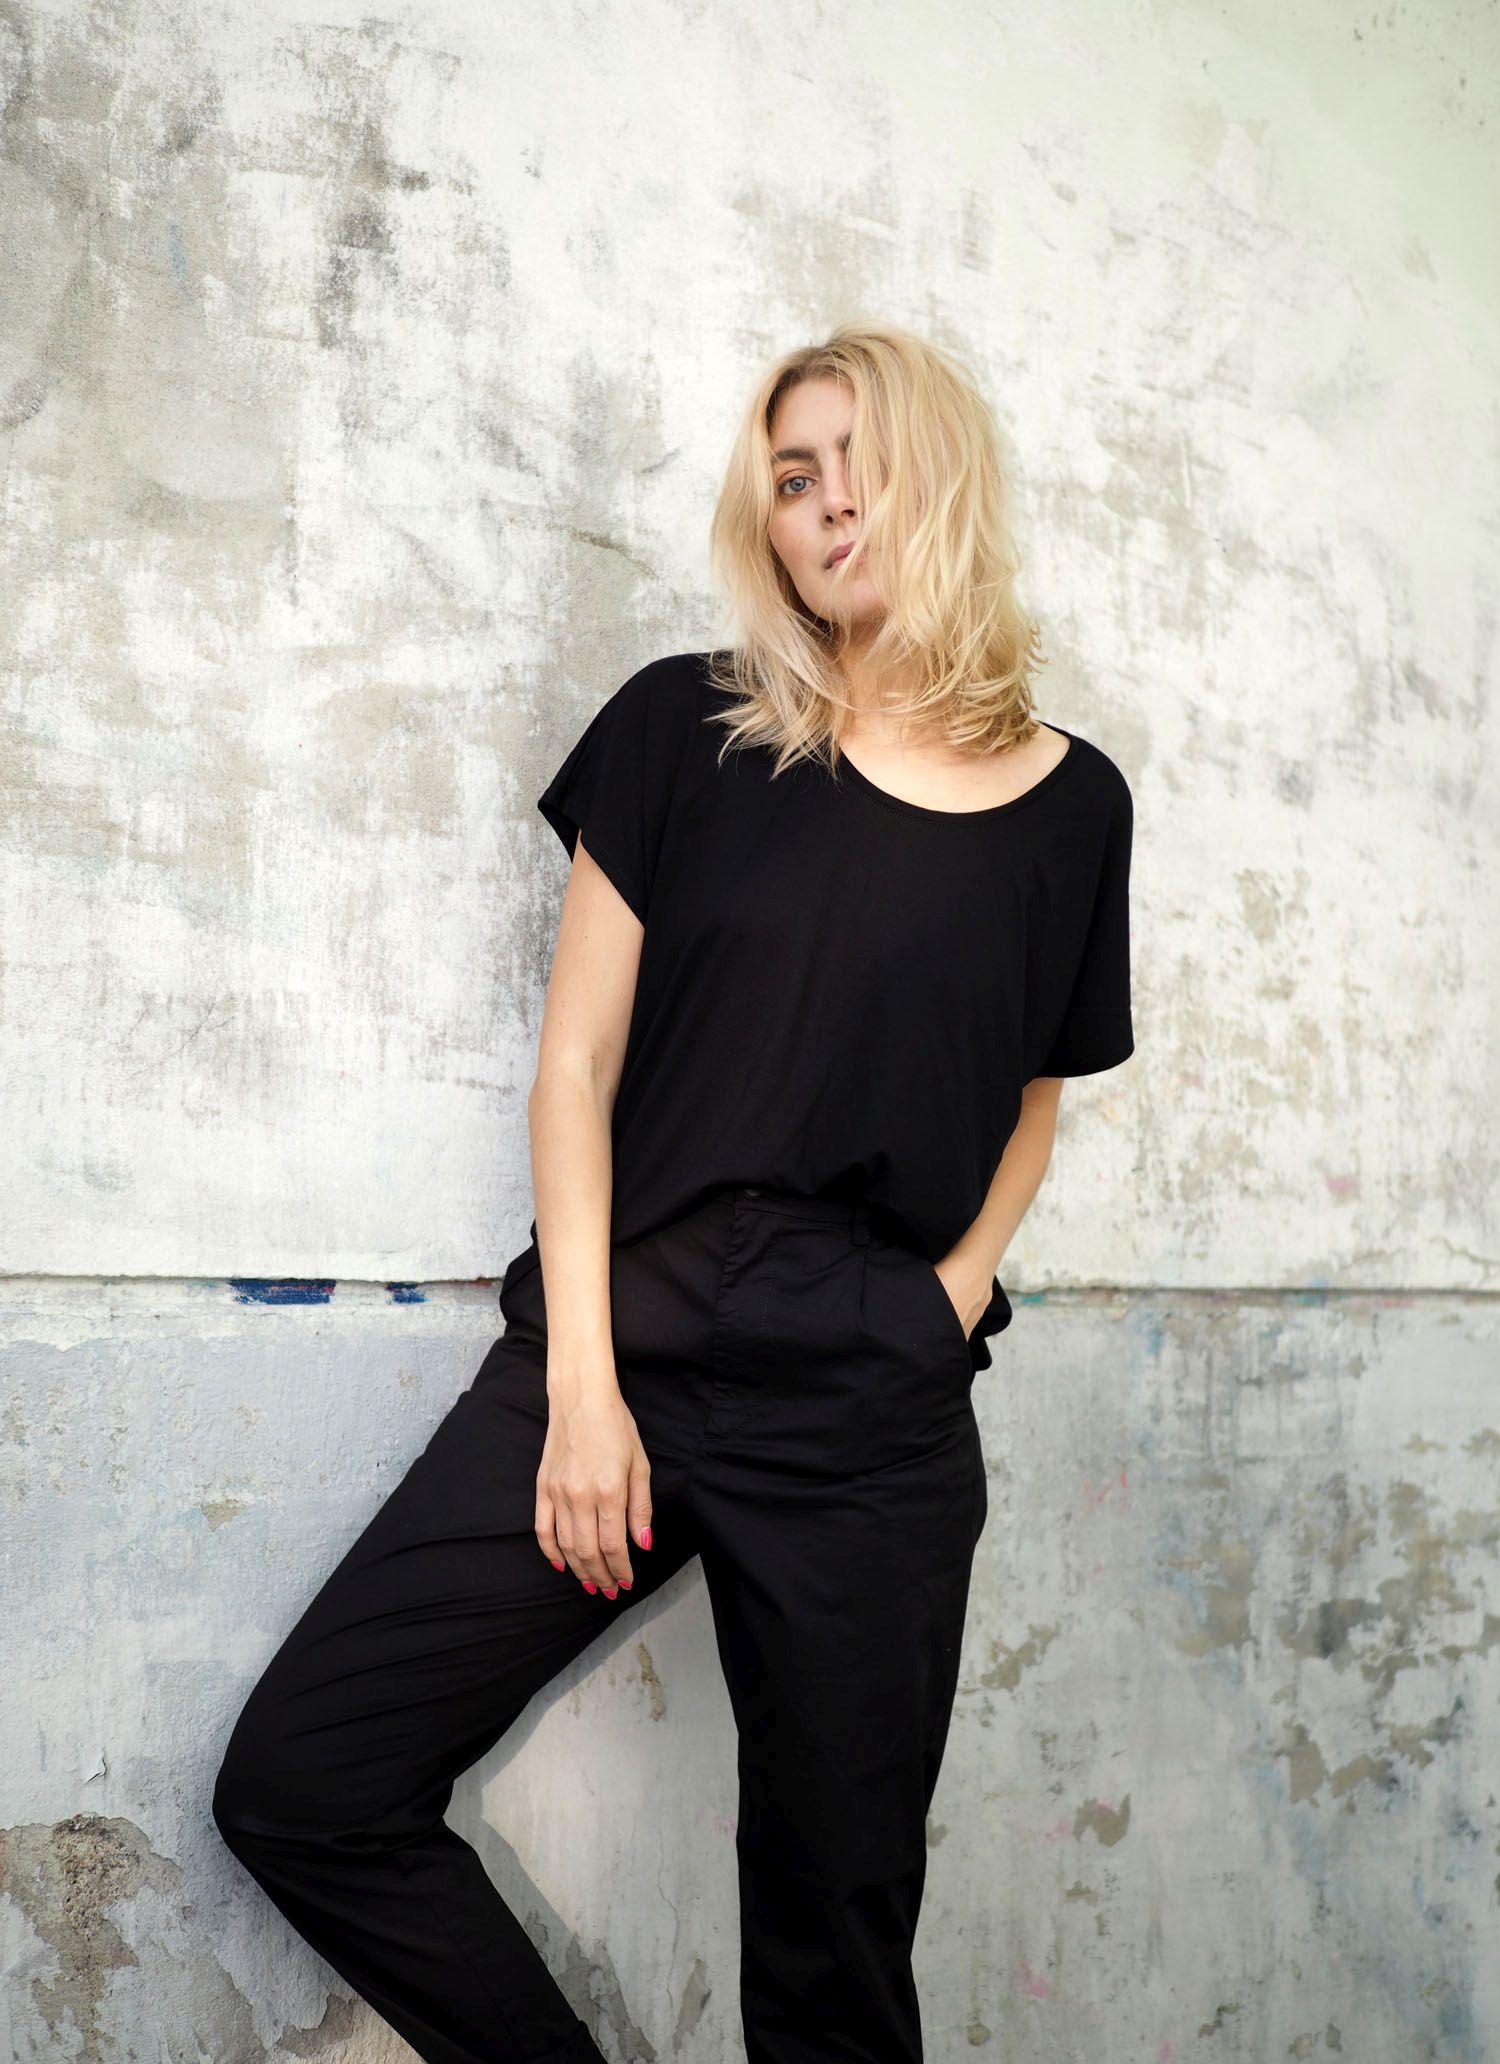 Ihan pienilläkin nikseillä t-paidan ilmettä voi muuttaa paljon ja tehdä  tyylistä huolitellumman 4e23f136d5